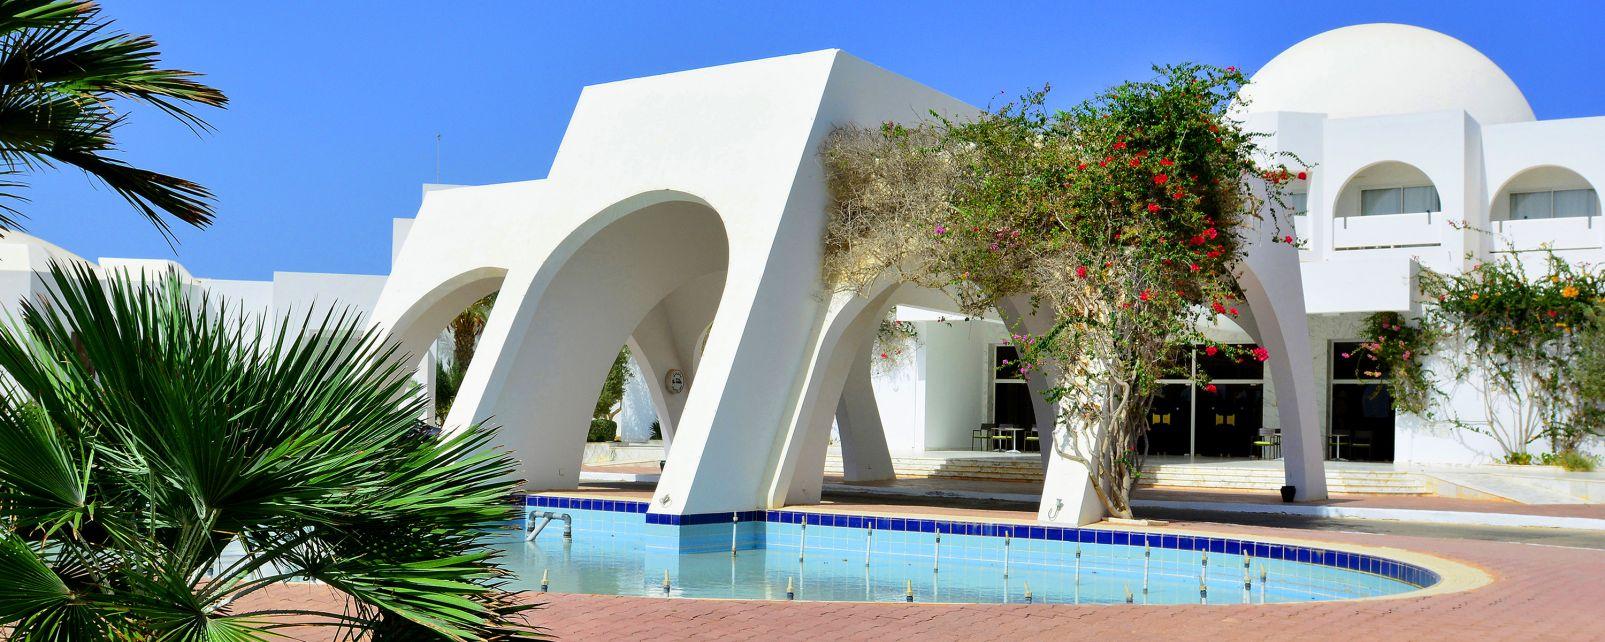 Hotel djerba plaza thalasso spa djerba tunesien for Hotels djerba